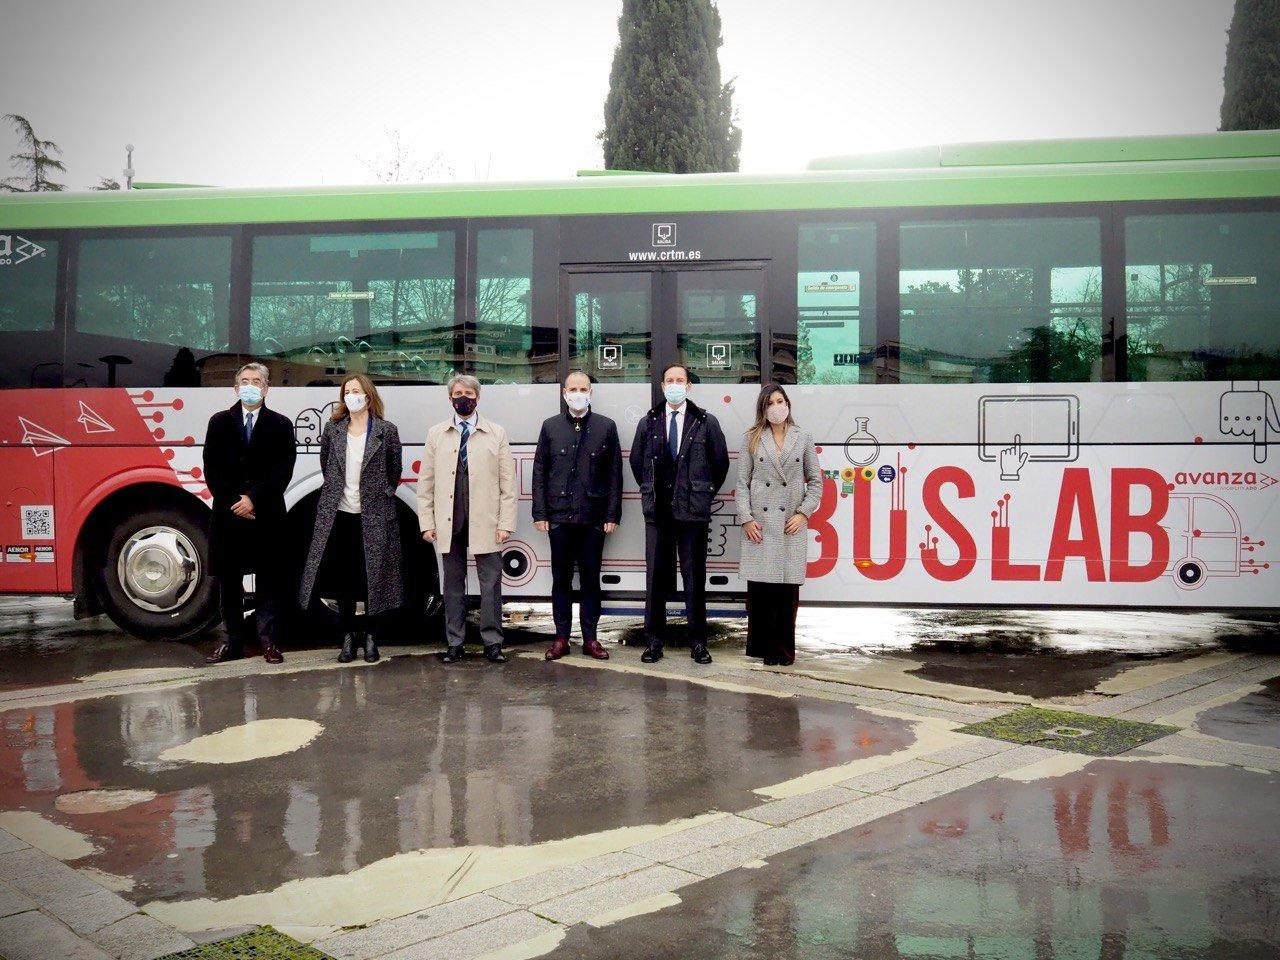 Buslab, el primer autobús laboratorio que da servicio en Madrid 2